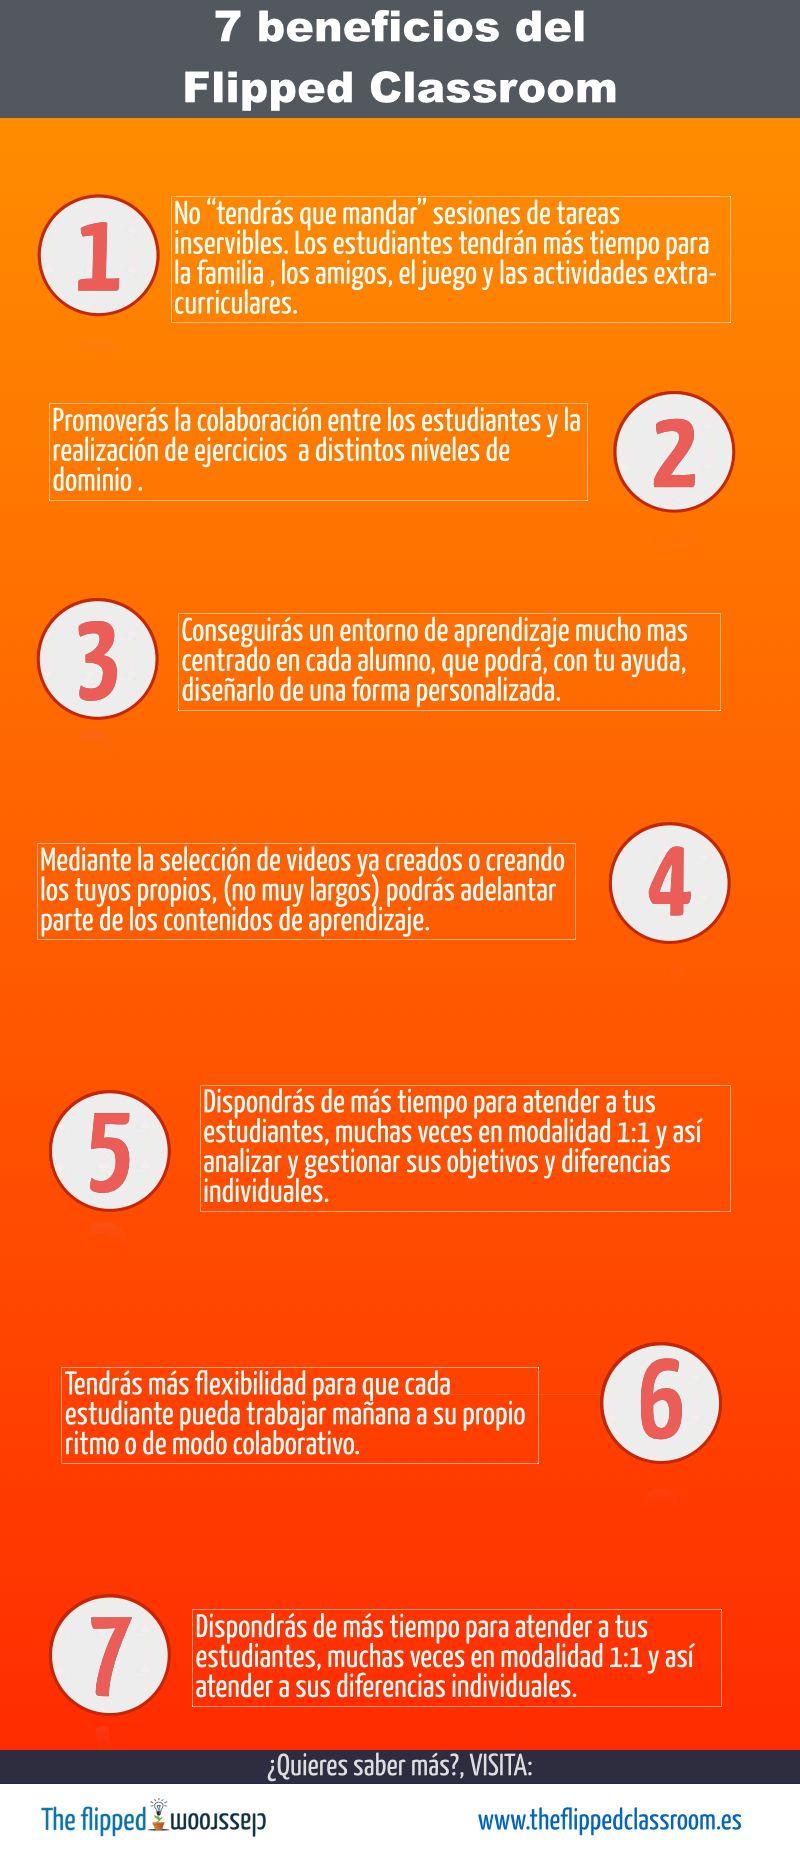 7 princip.001